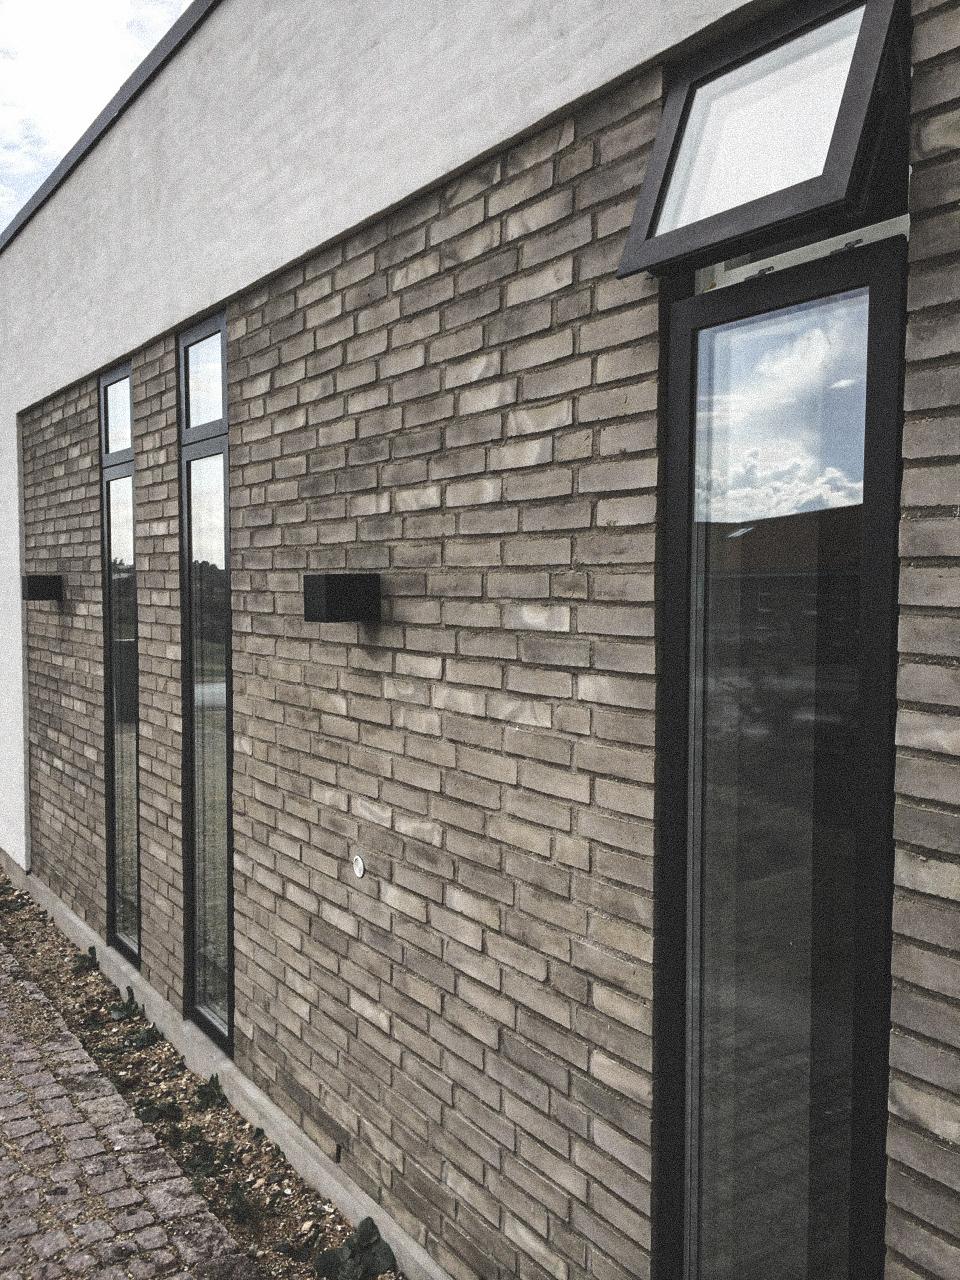 Billede af villa i Roskilde  efter indflytning, tegnet af arkitektfirmaet m2plus.